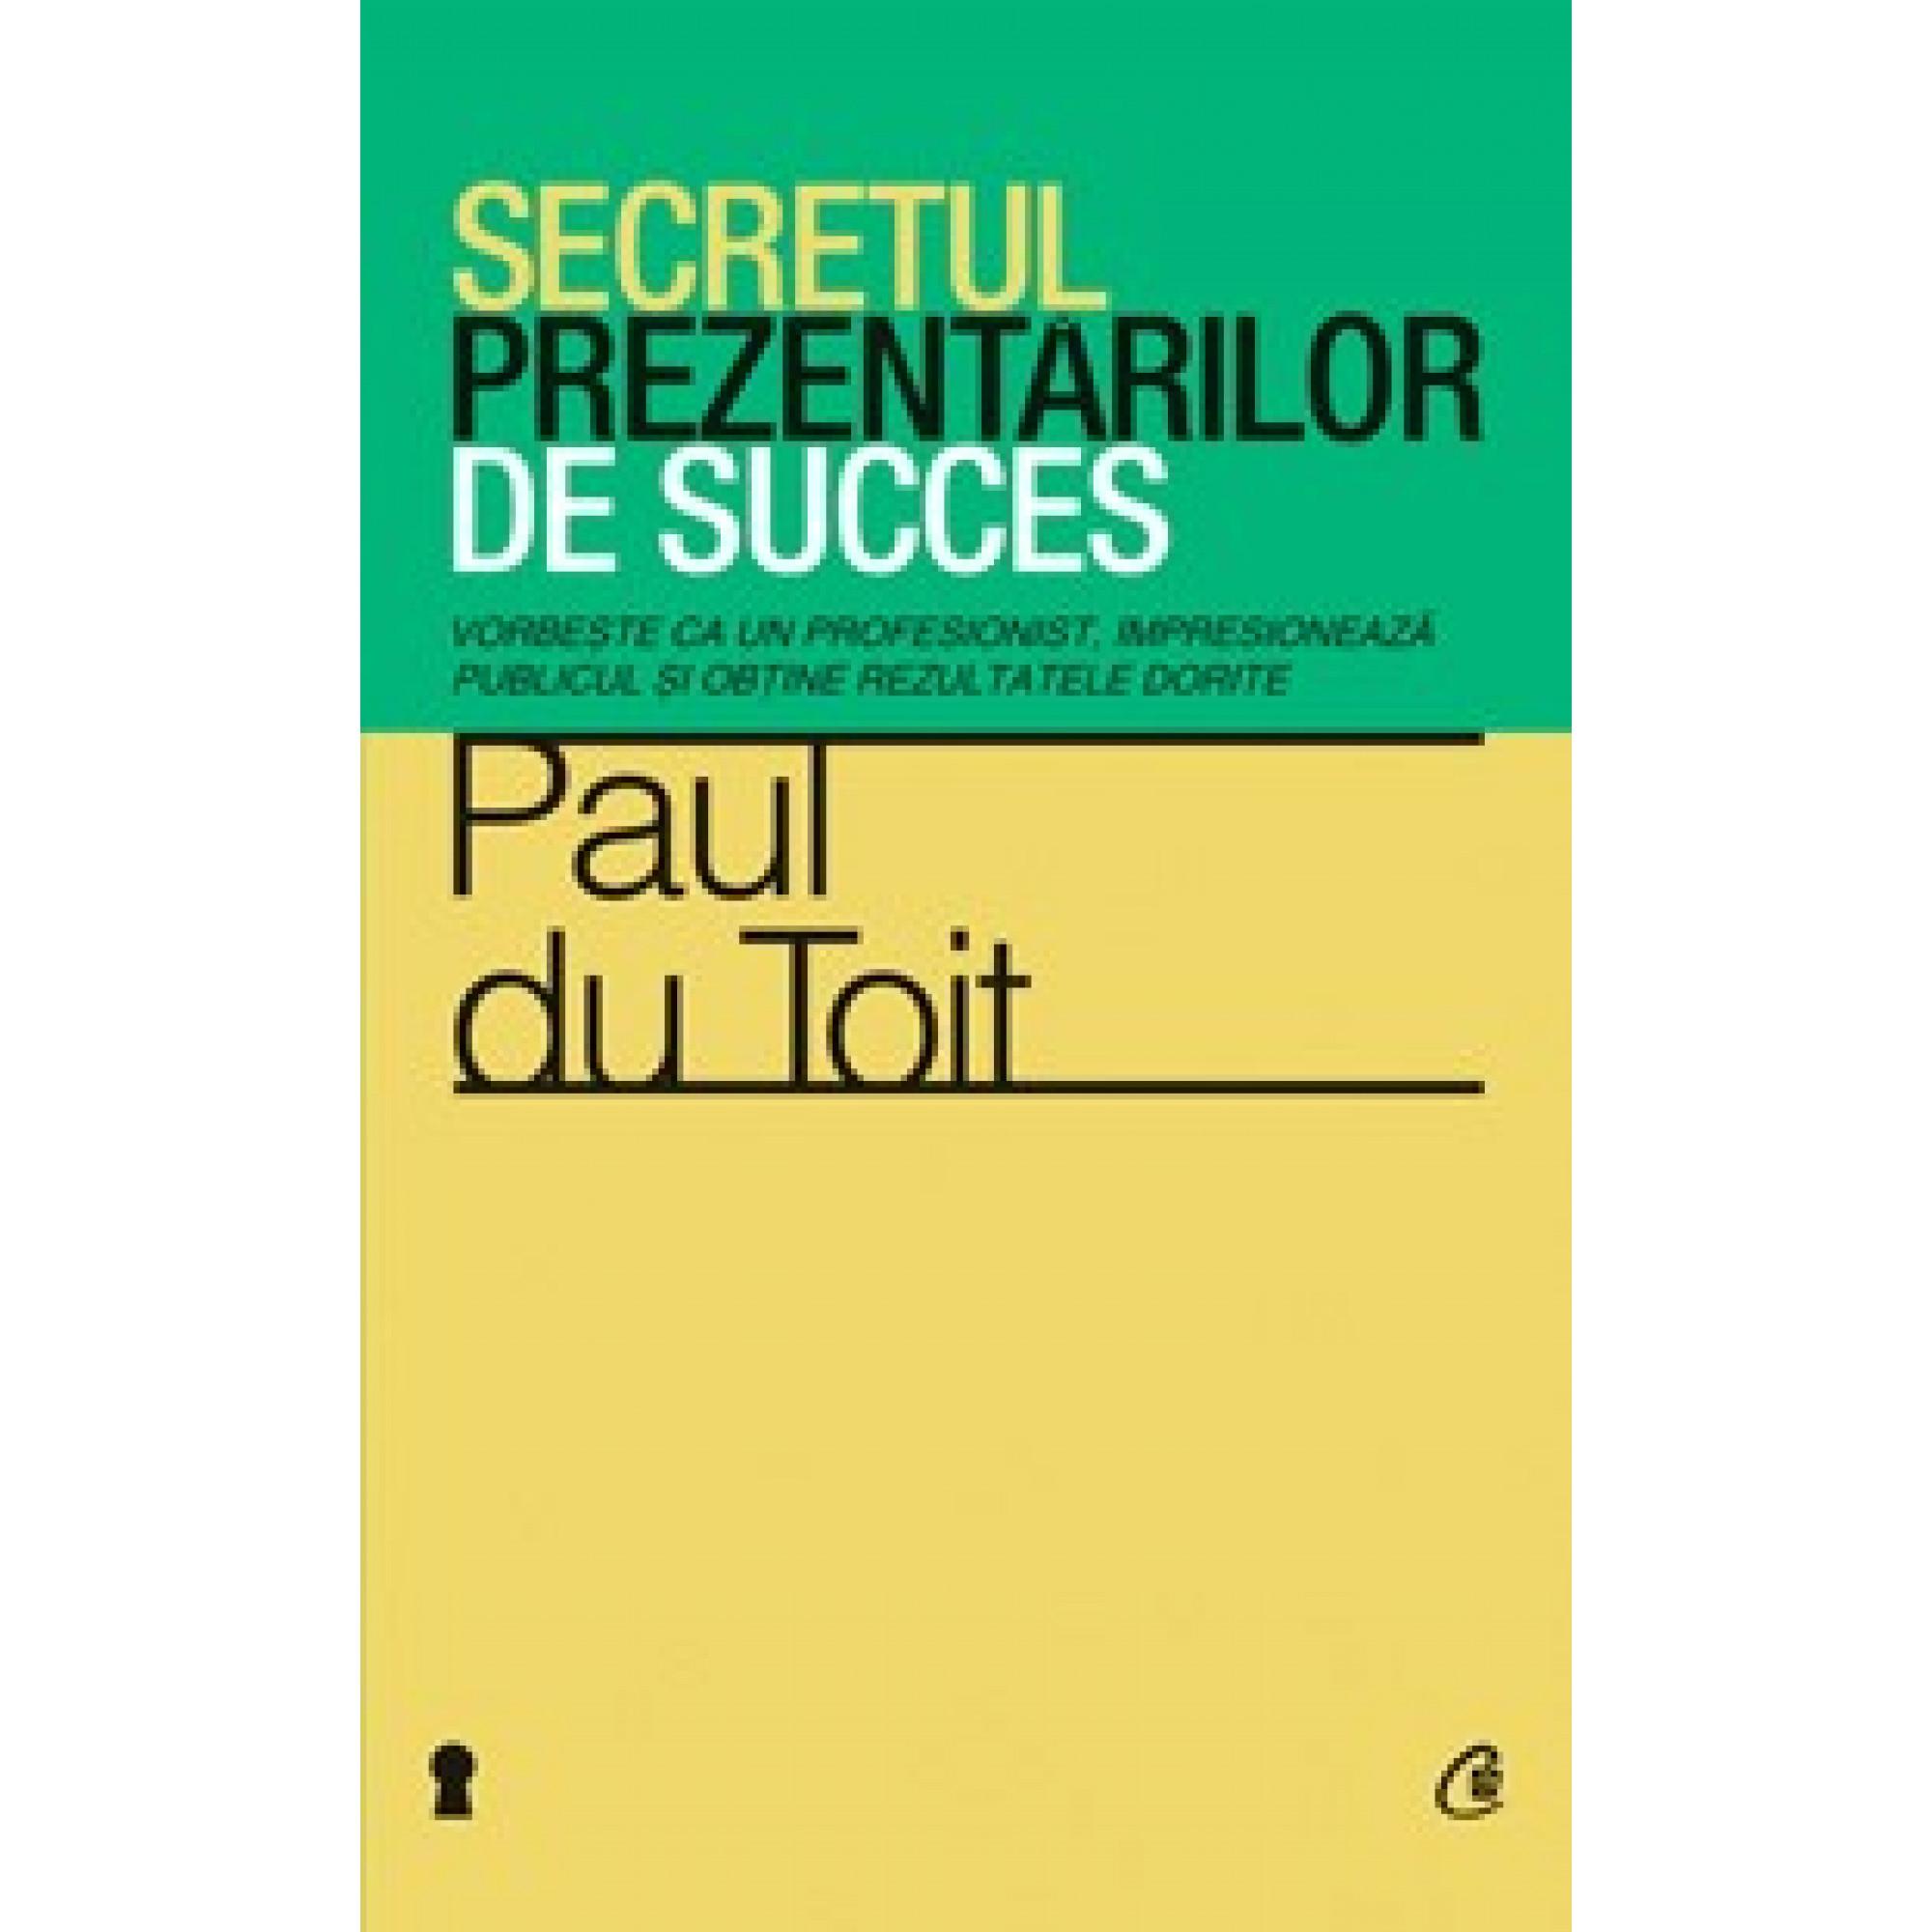 Secretul prezentărilor de succes. Vorbeşte ca un profesionist, impresionează publicul şi obţine rezultatele dorite